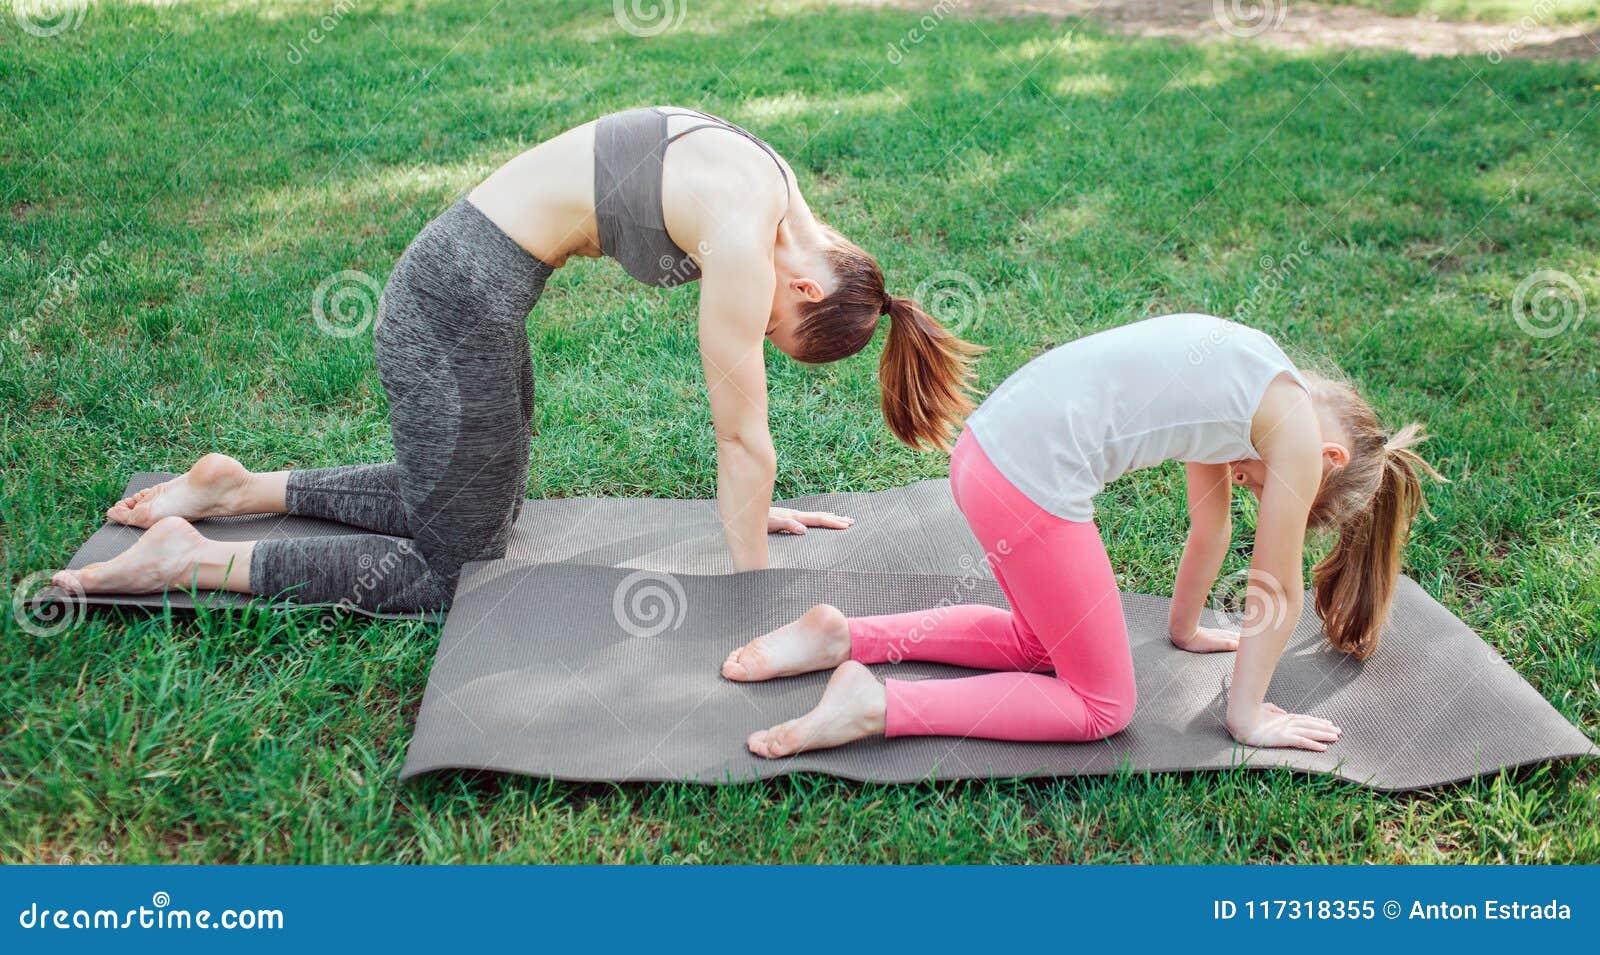 两个女孩在carimate站立并且拿着他们的后面弯曲 他们在那个姿势平衡 集中女孩